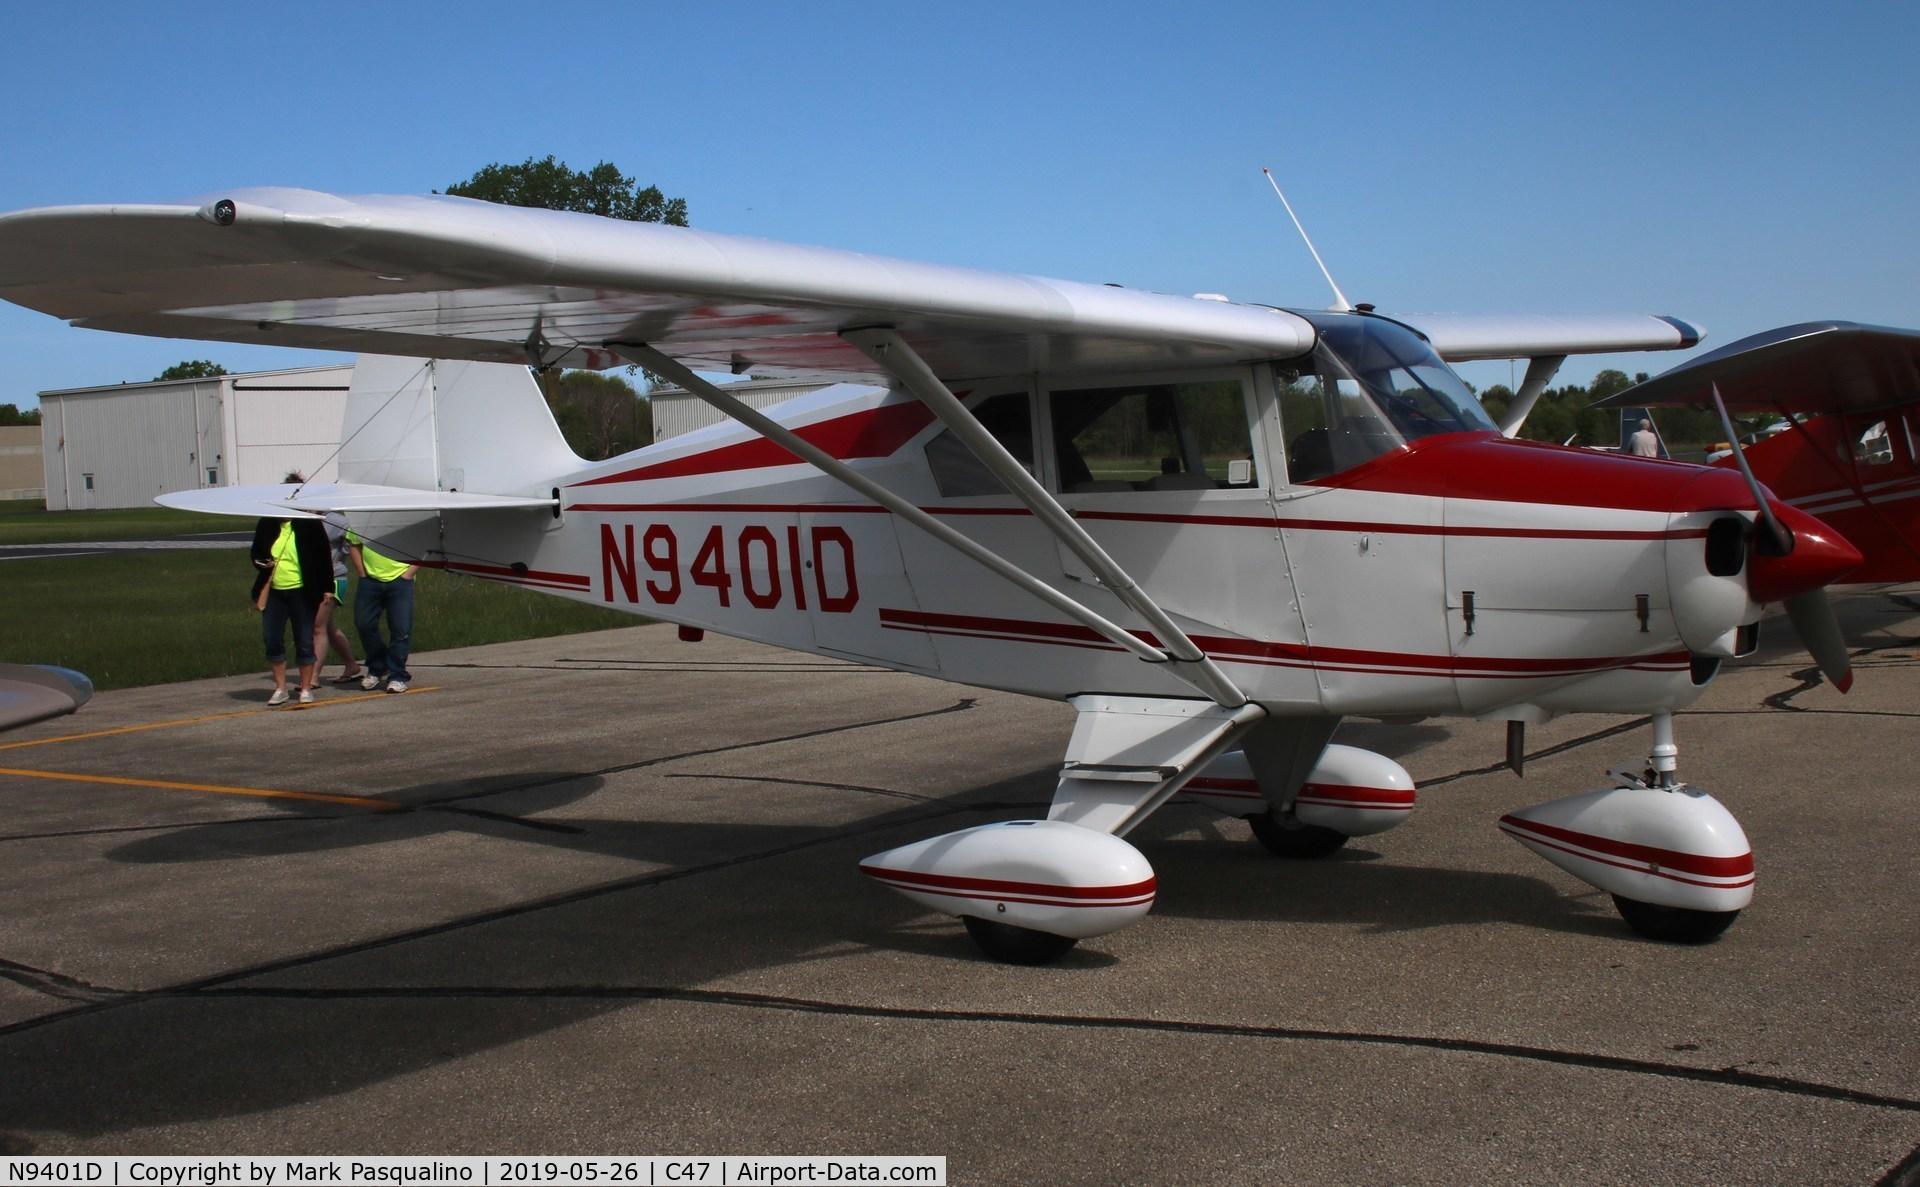 Aircraft N9401D (1958 Piper PA-22-160 Tri Pacer C/N 22-6374